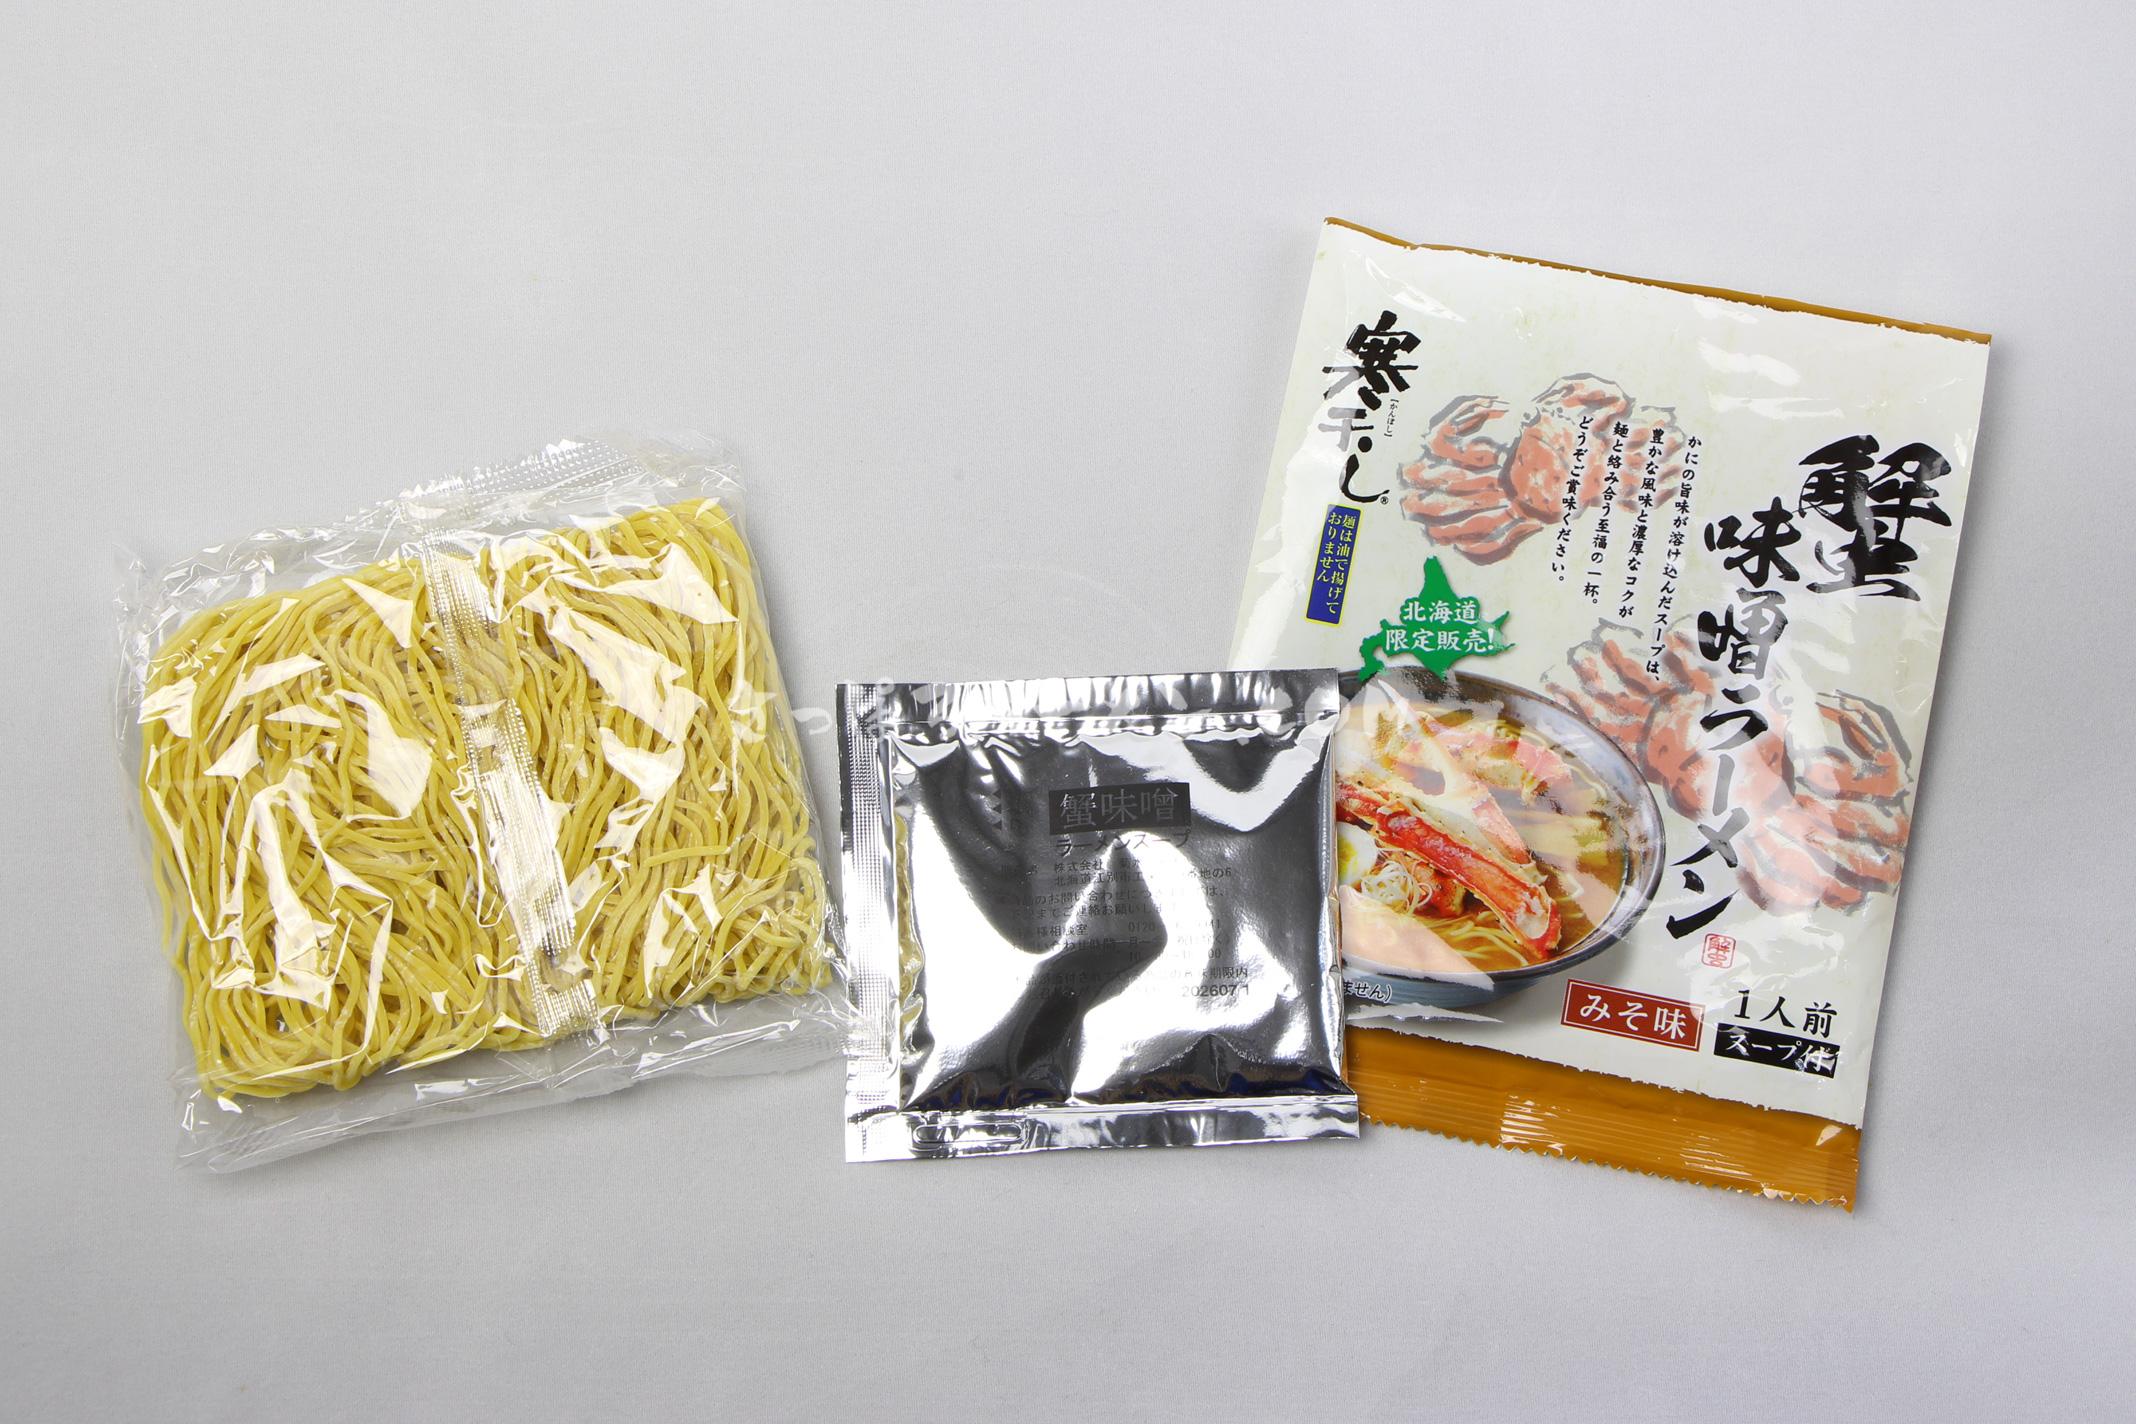 「北海道限定販売 寒干し 蟹味噌ラーメン」(菊水)の麺とスープ